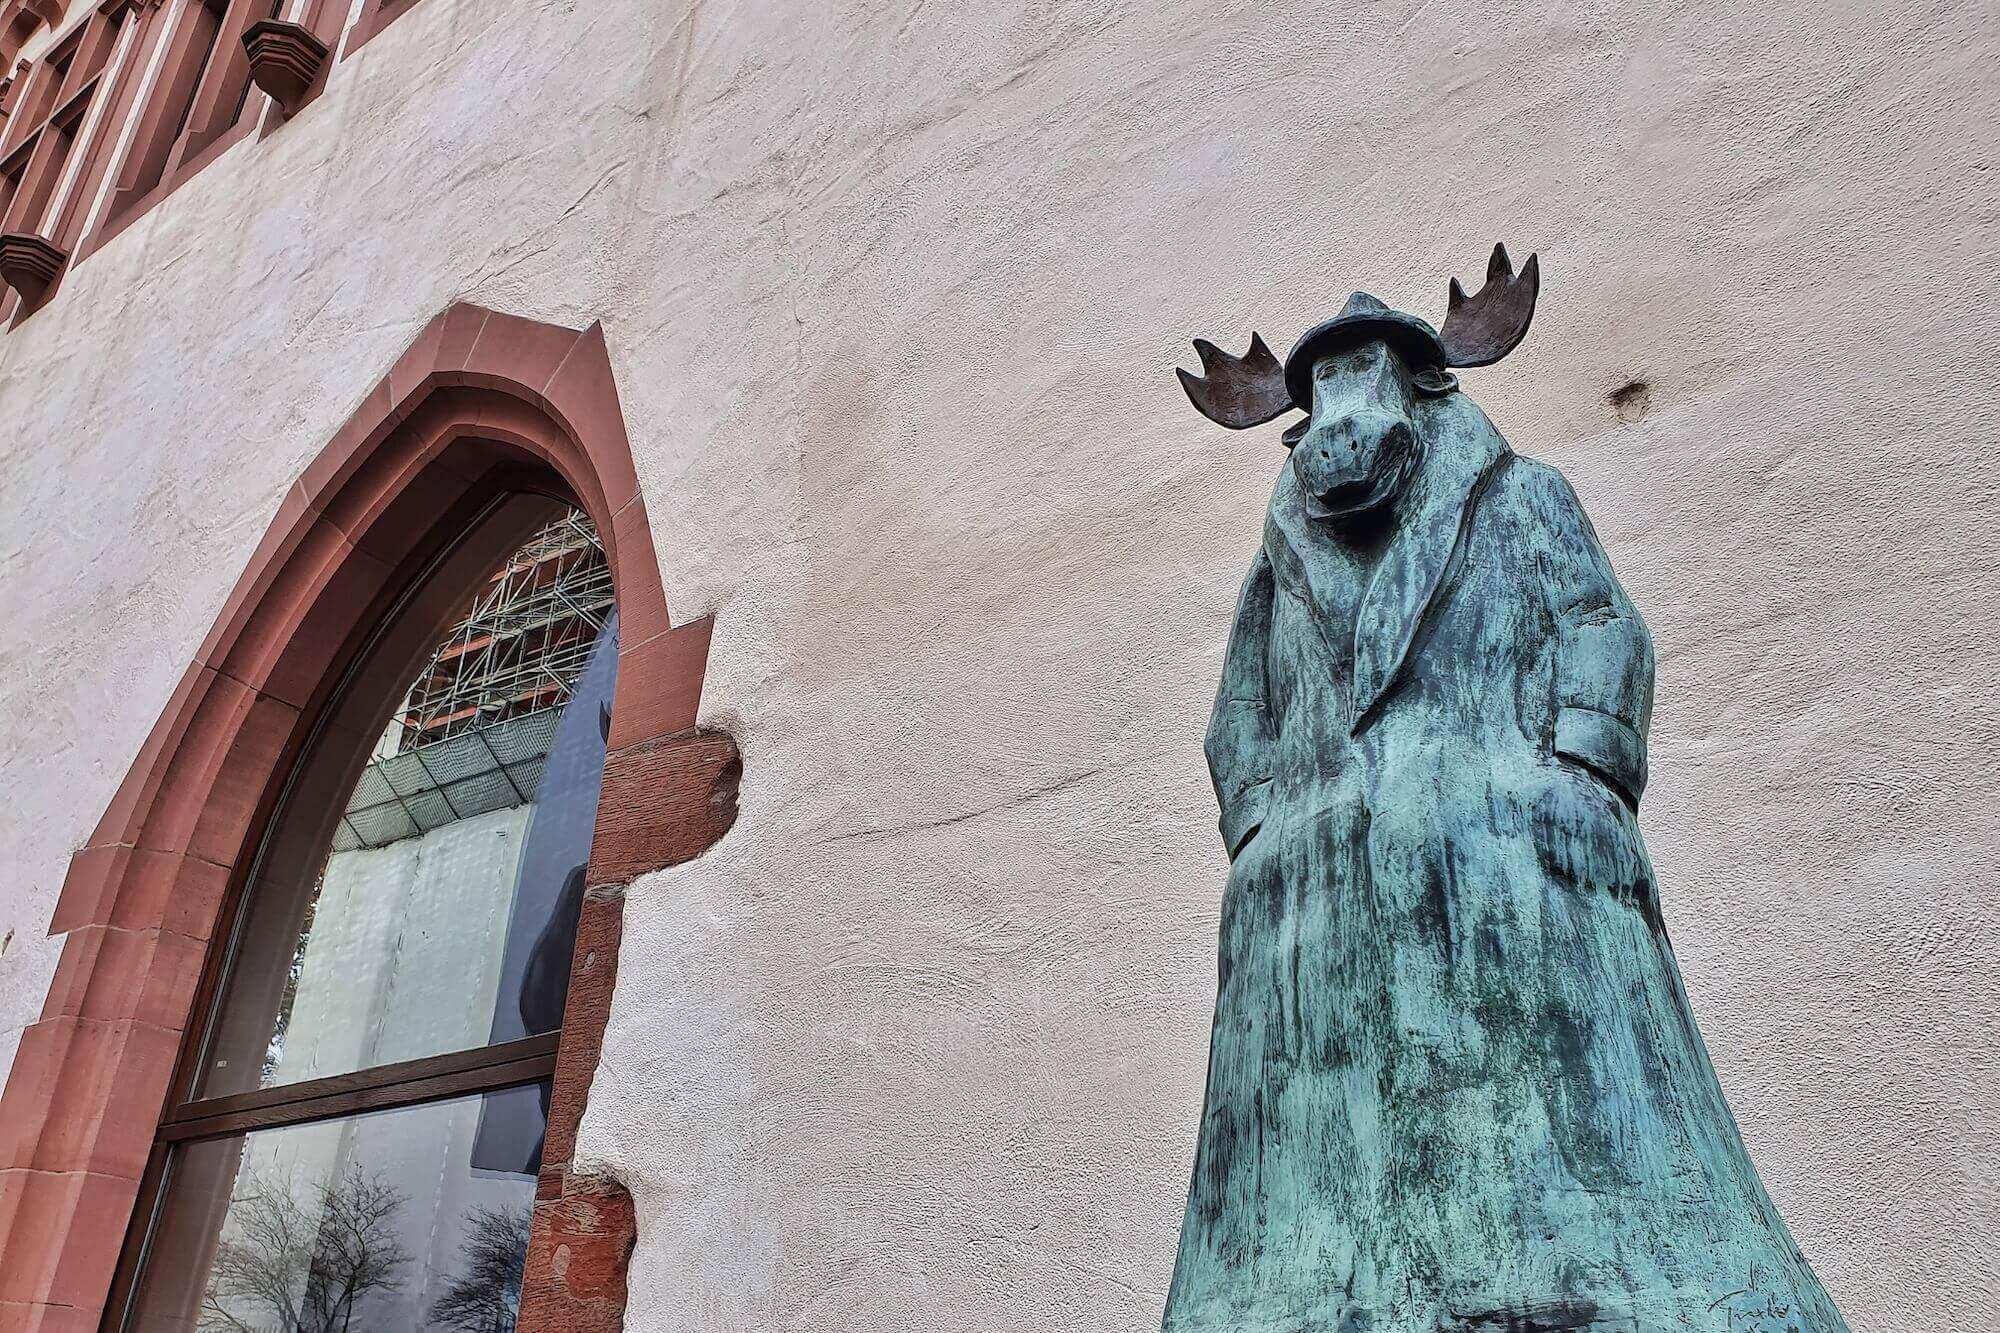 Das Caricatura Museum Frankfurt geht nicht nur mit seinen Ausstellungen neue Wege, sondern auch in Social Media - mit einem Twitter-Takeover.